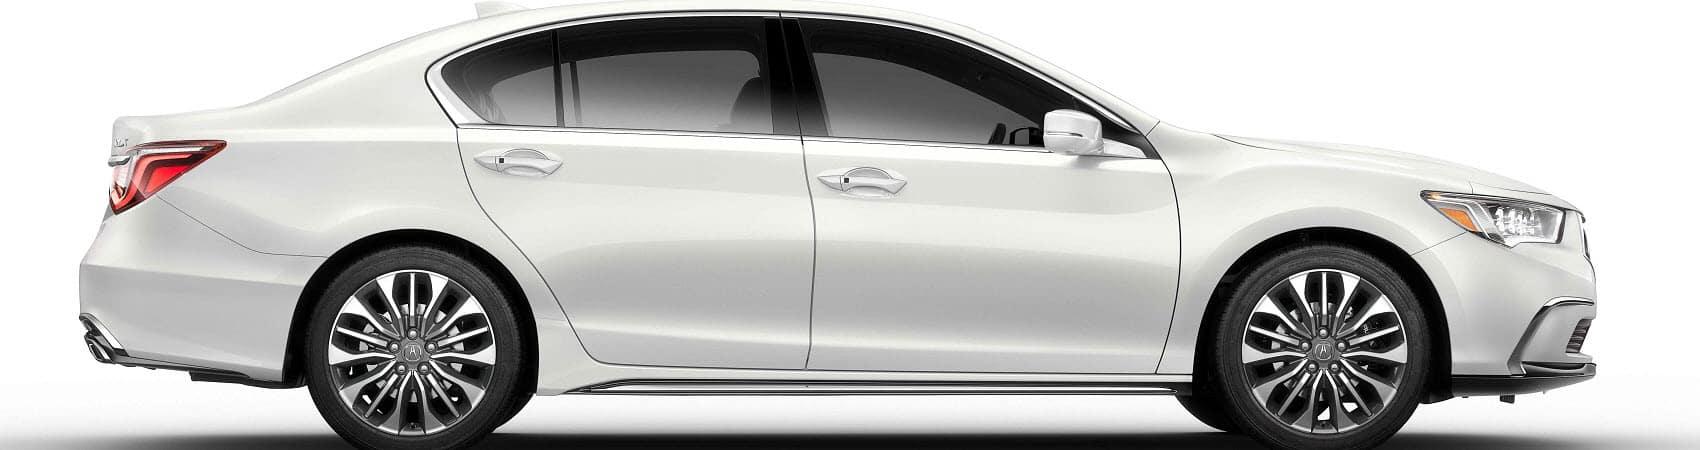 Acura RLX Platinum White